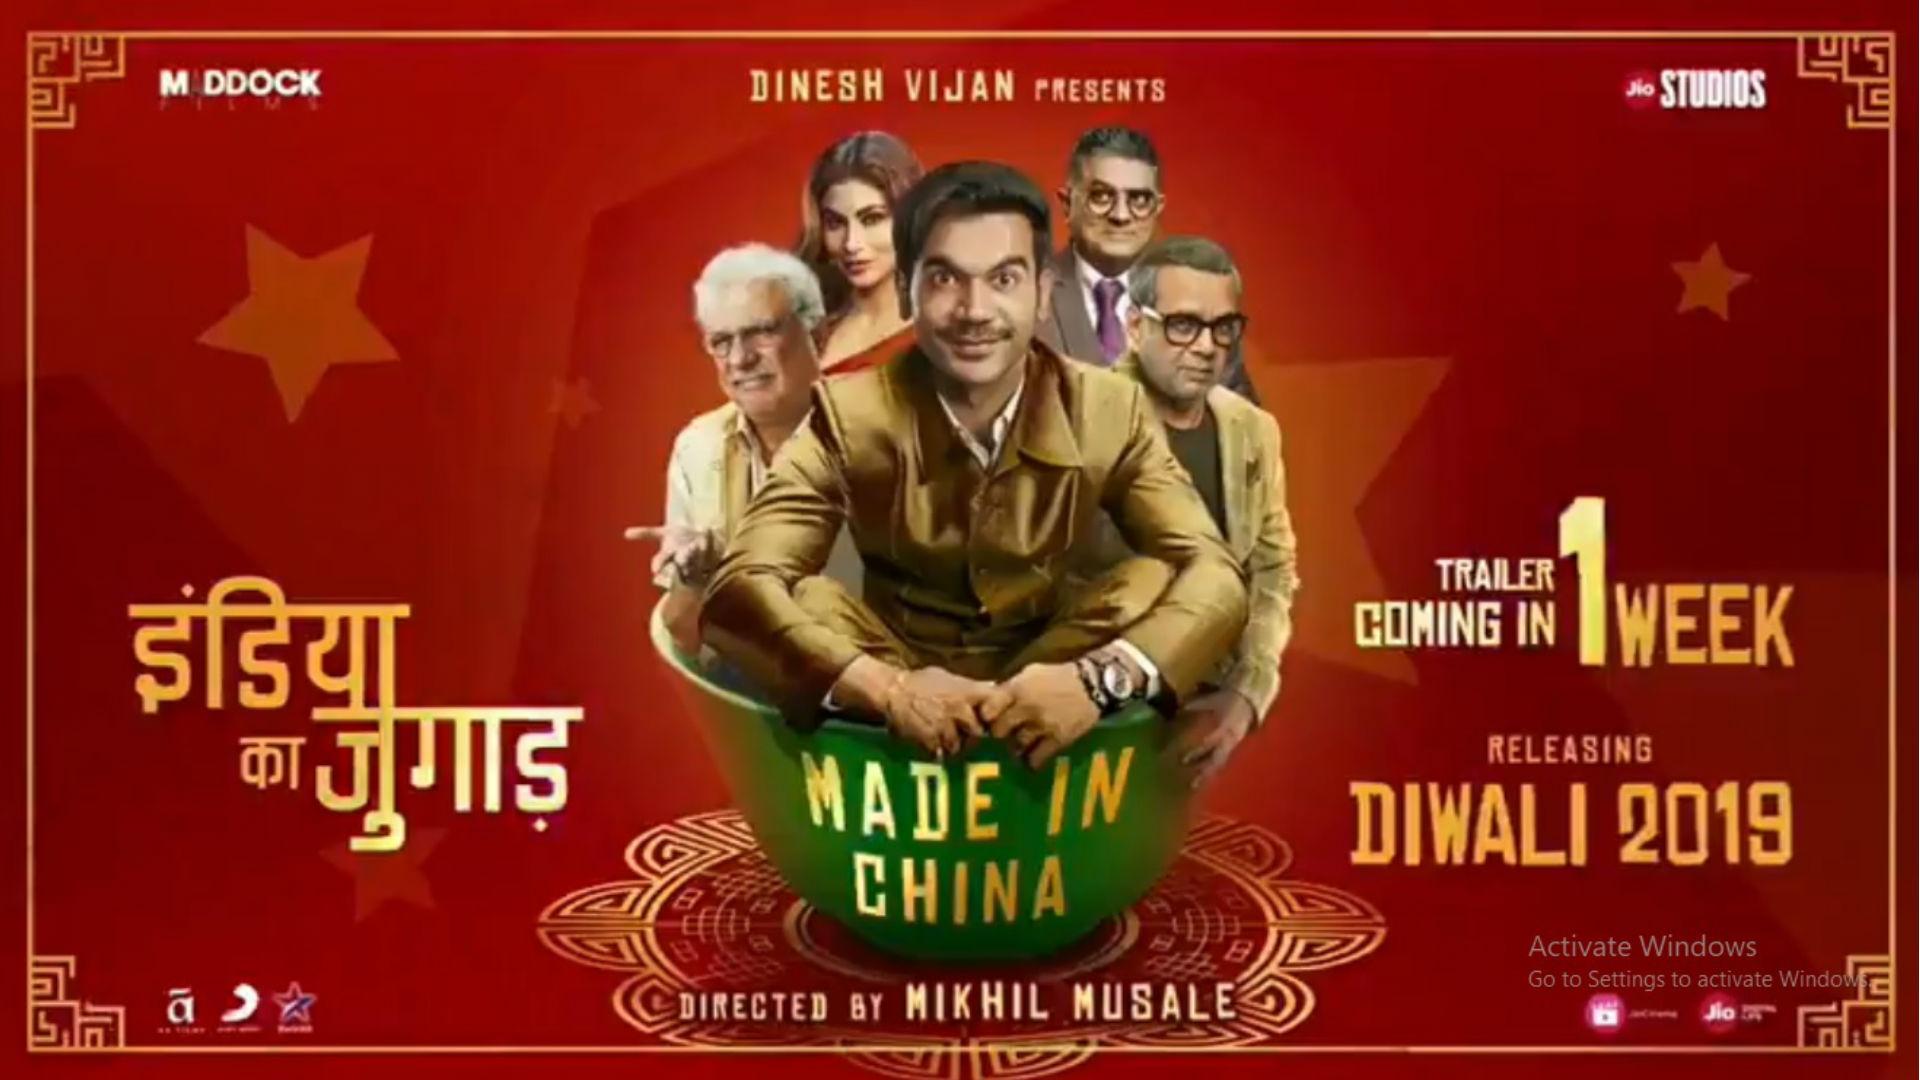 Made In China Movie: फिल्म का मजेदार मोशन पोस्टर लॉन्च, दिवाली पर रिलीज होगी राजकुमार राव-मौनी रॉय की ये मूवी